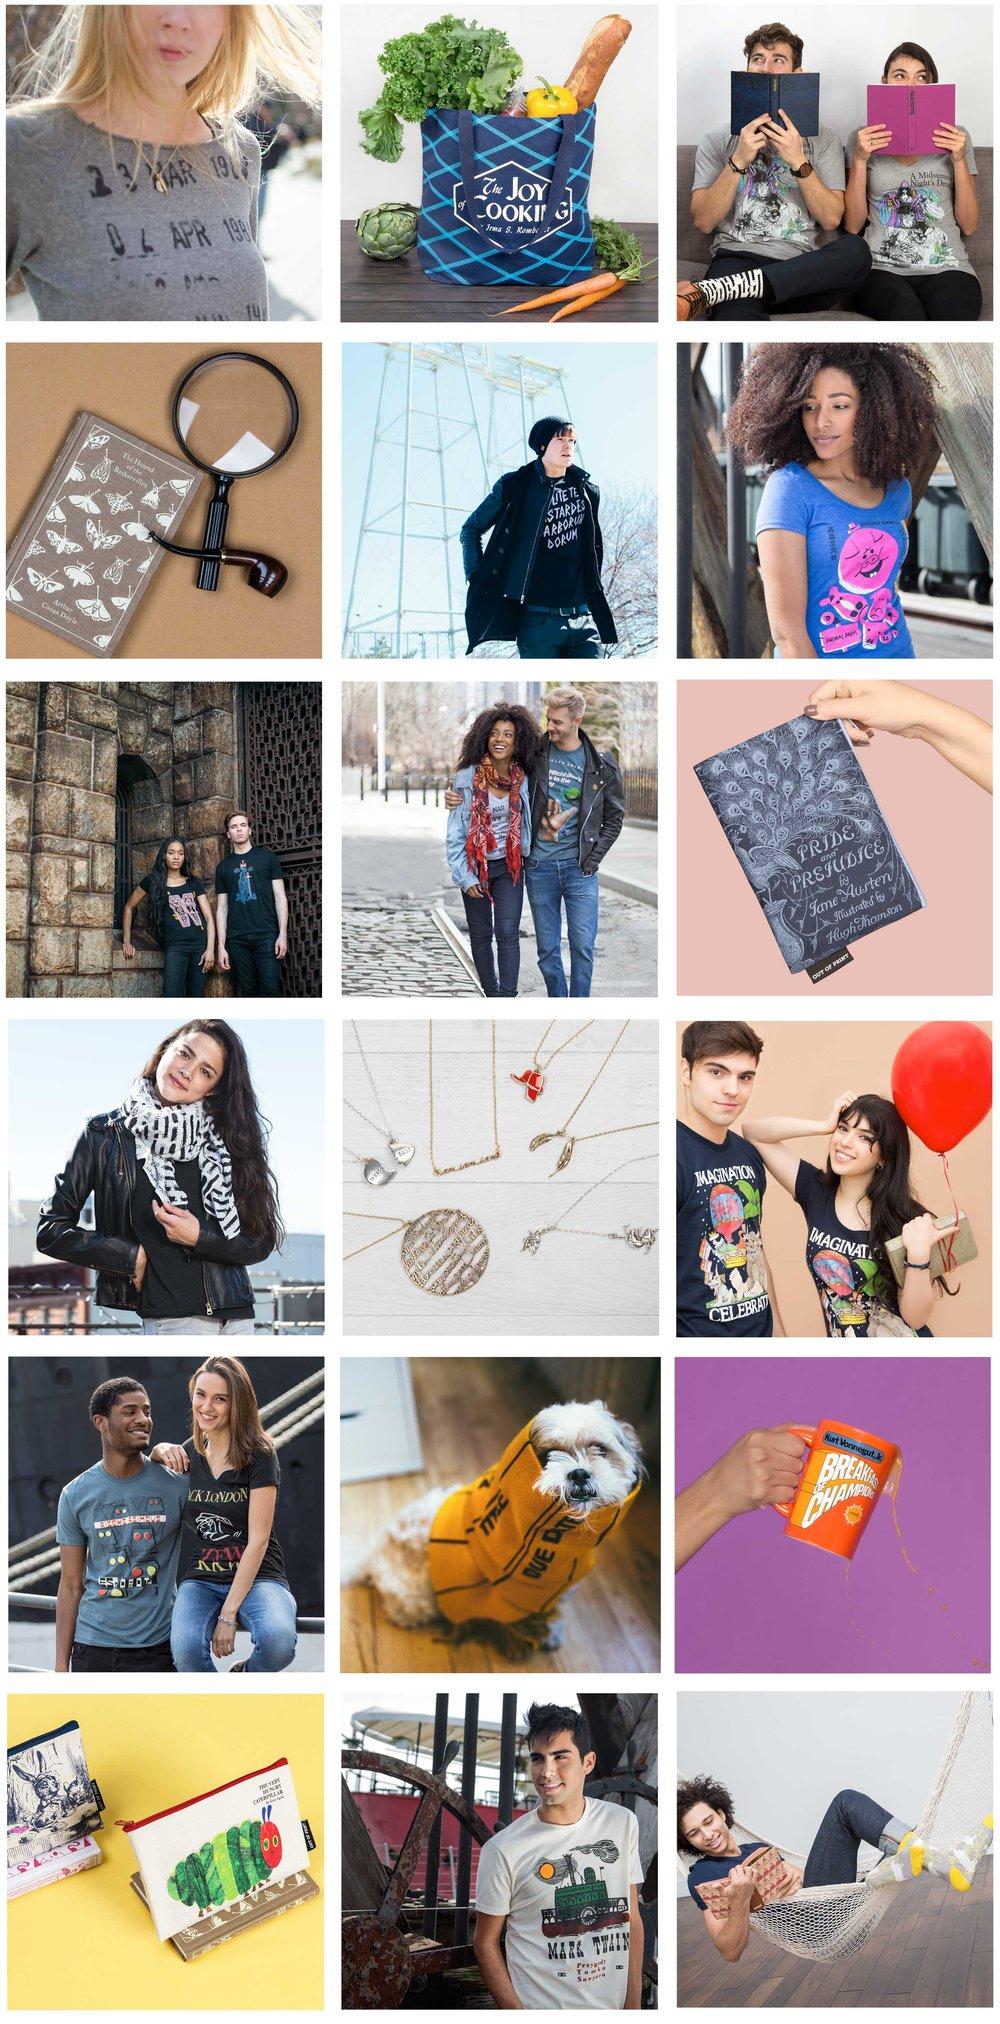 social_media_ad.jpg